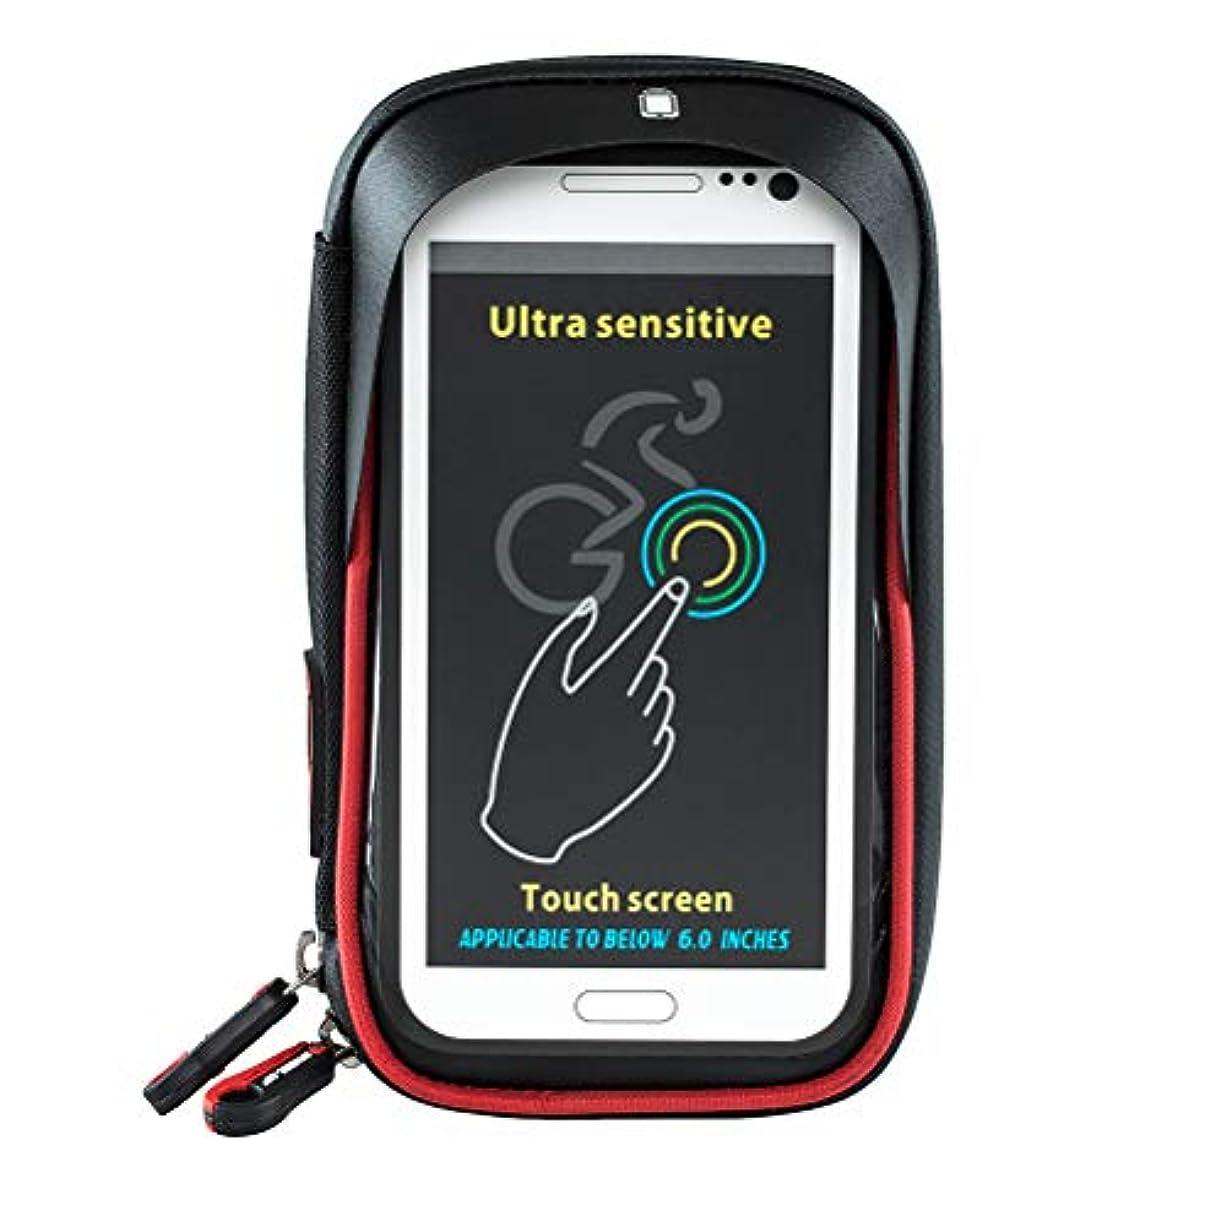 ポジティブ何スケジュールフロントチューブ収納MTB自転車タッチスクリーン自転車バッグ携帯電話パッケージサイクリングブラケットスタンダー防水バッグ(ブラック、レッド)